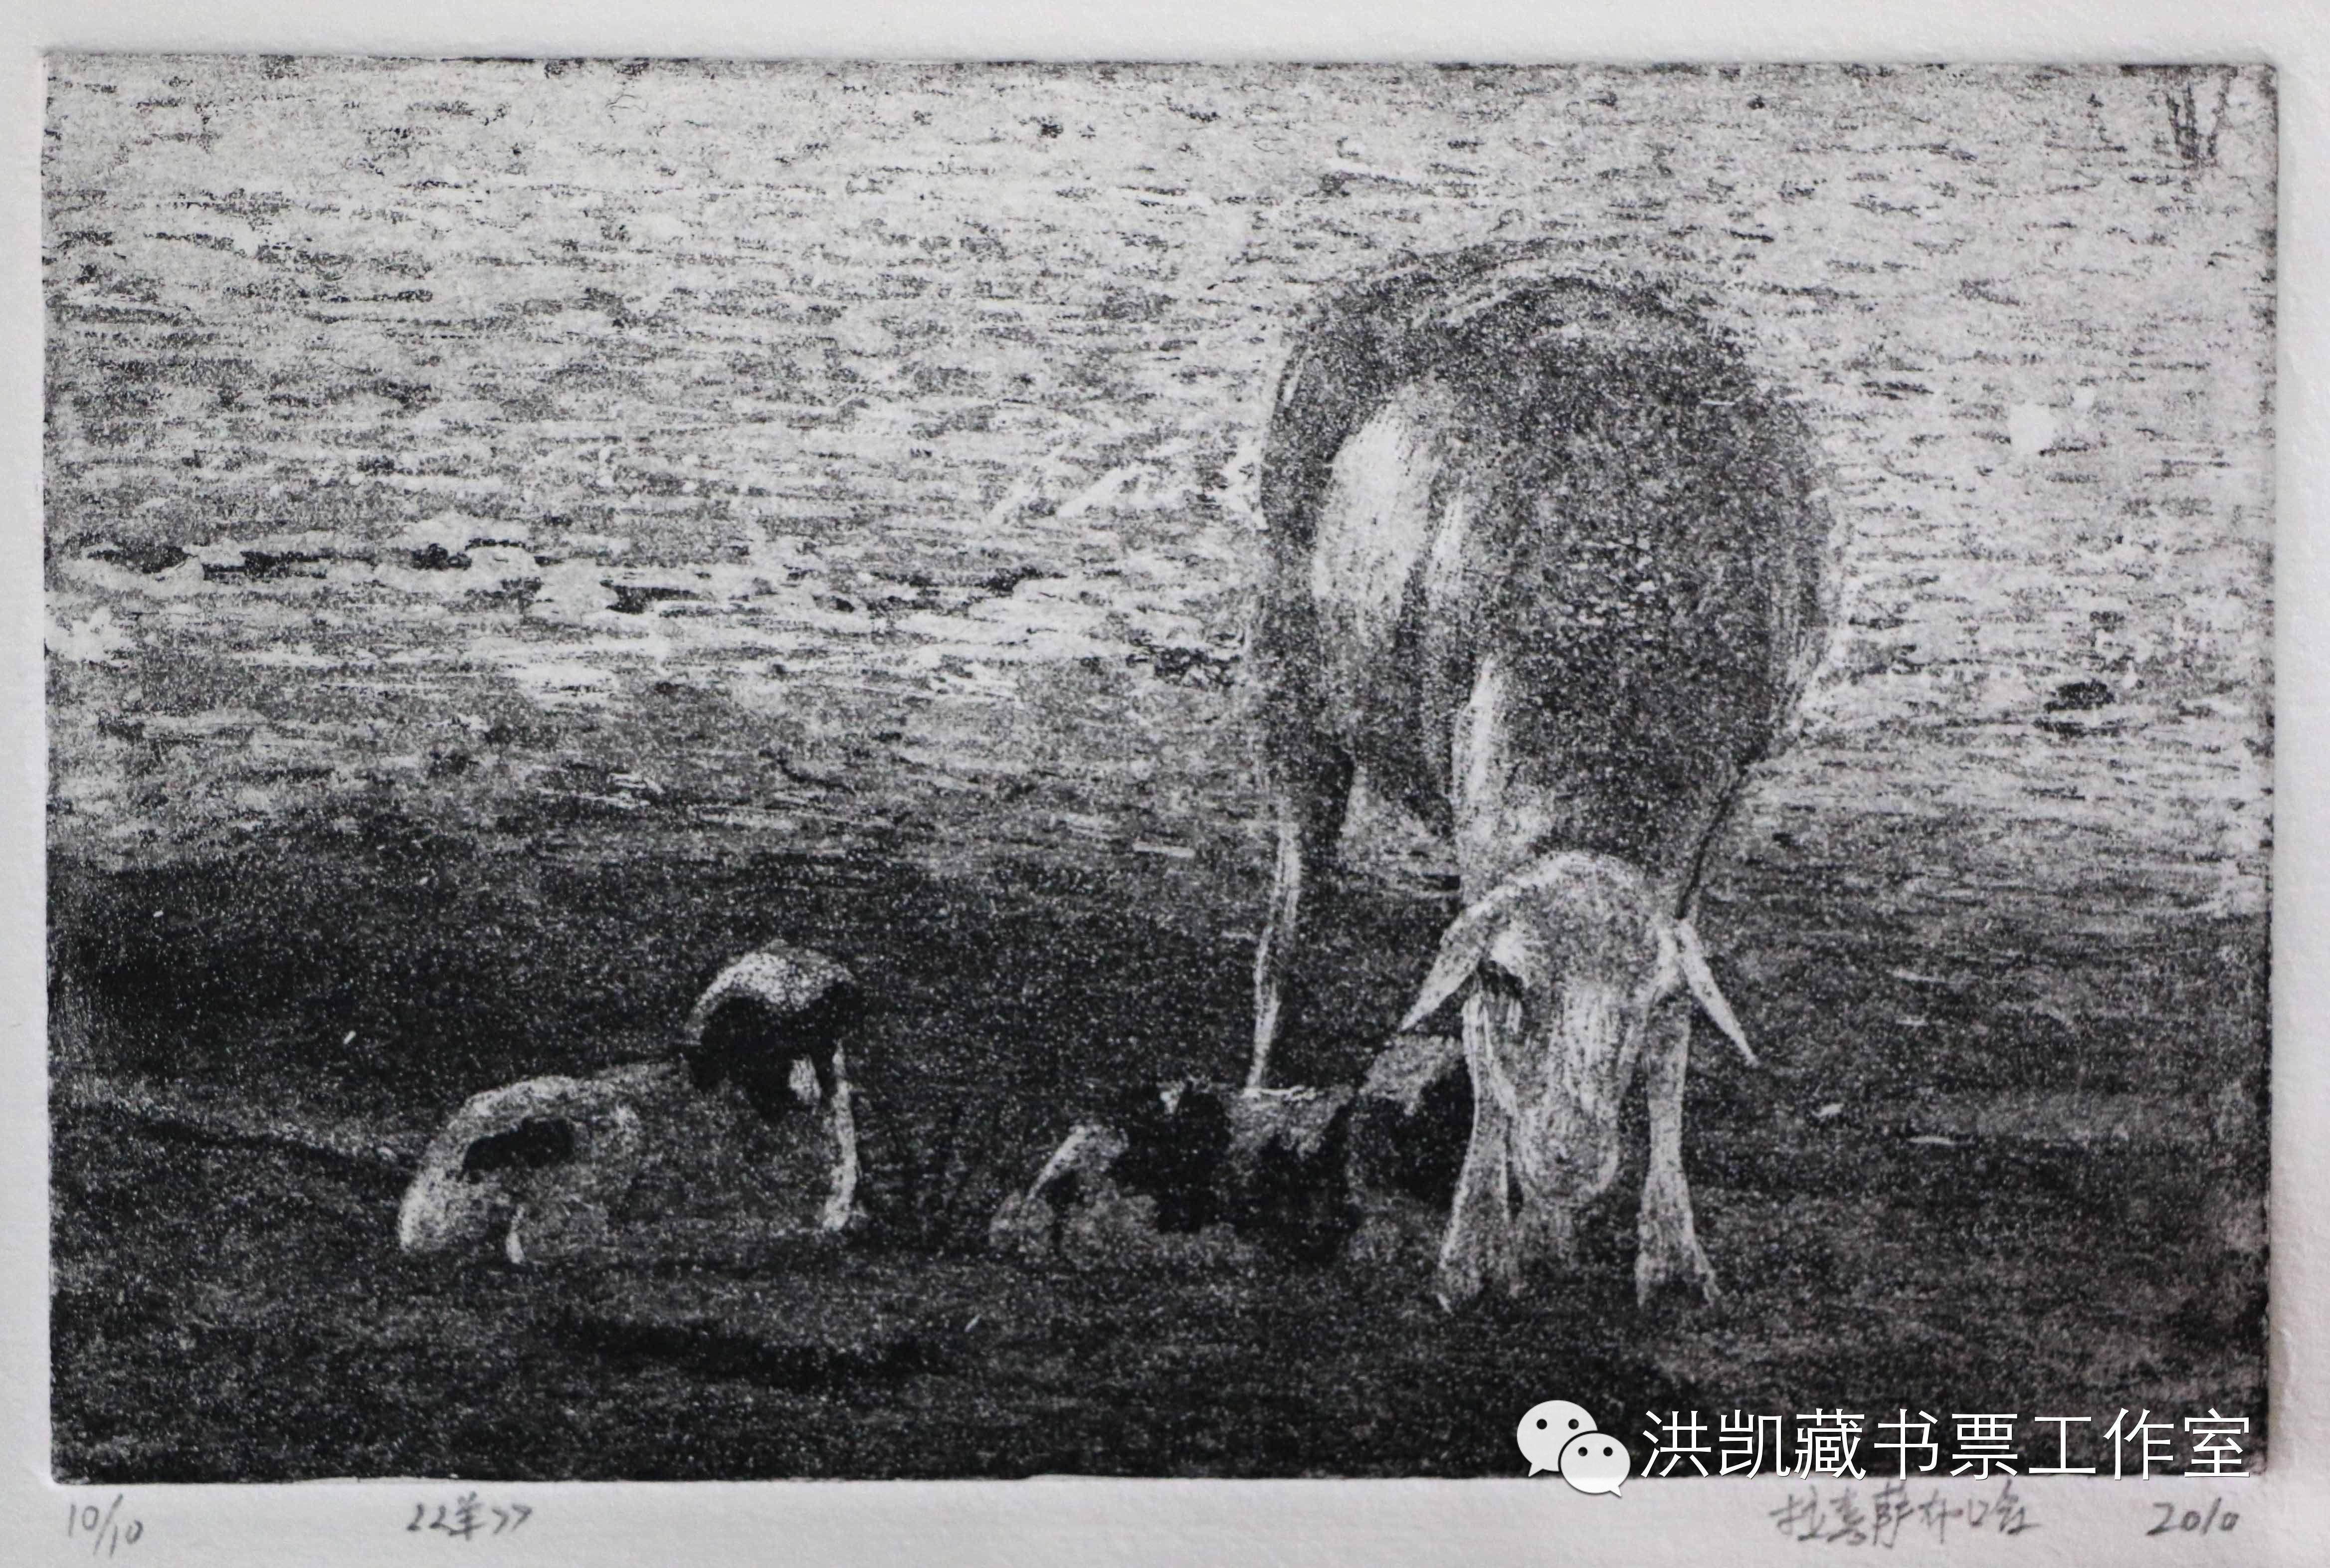 版画作品推荐002期-(内蒙古版画家)拉喜萨布哈﹒版画&藏书票作品欣赏 第13张